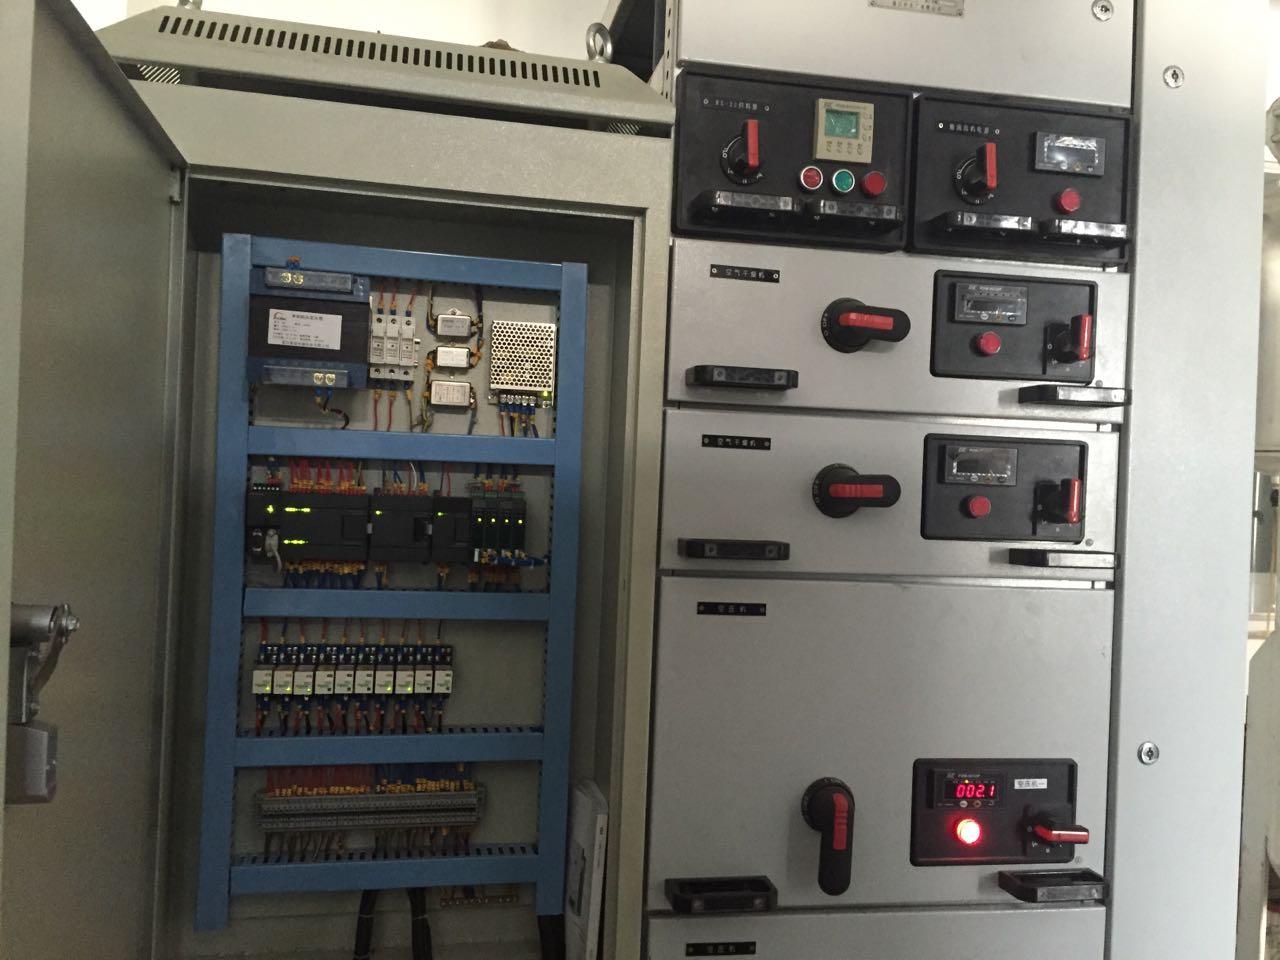 立白公司阿特拉斯160KW变频改造